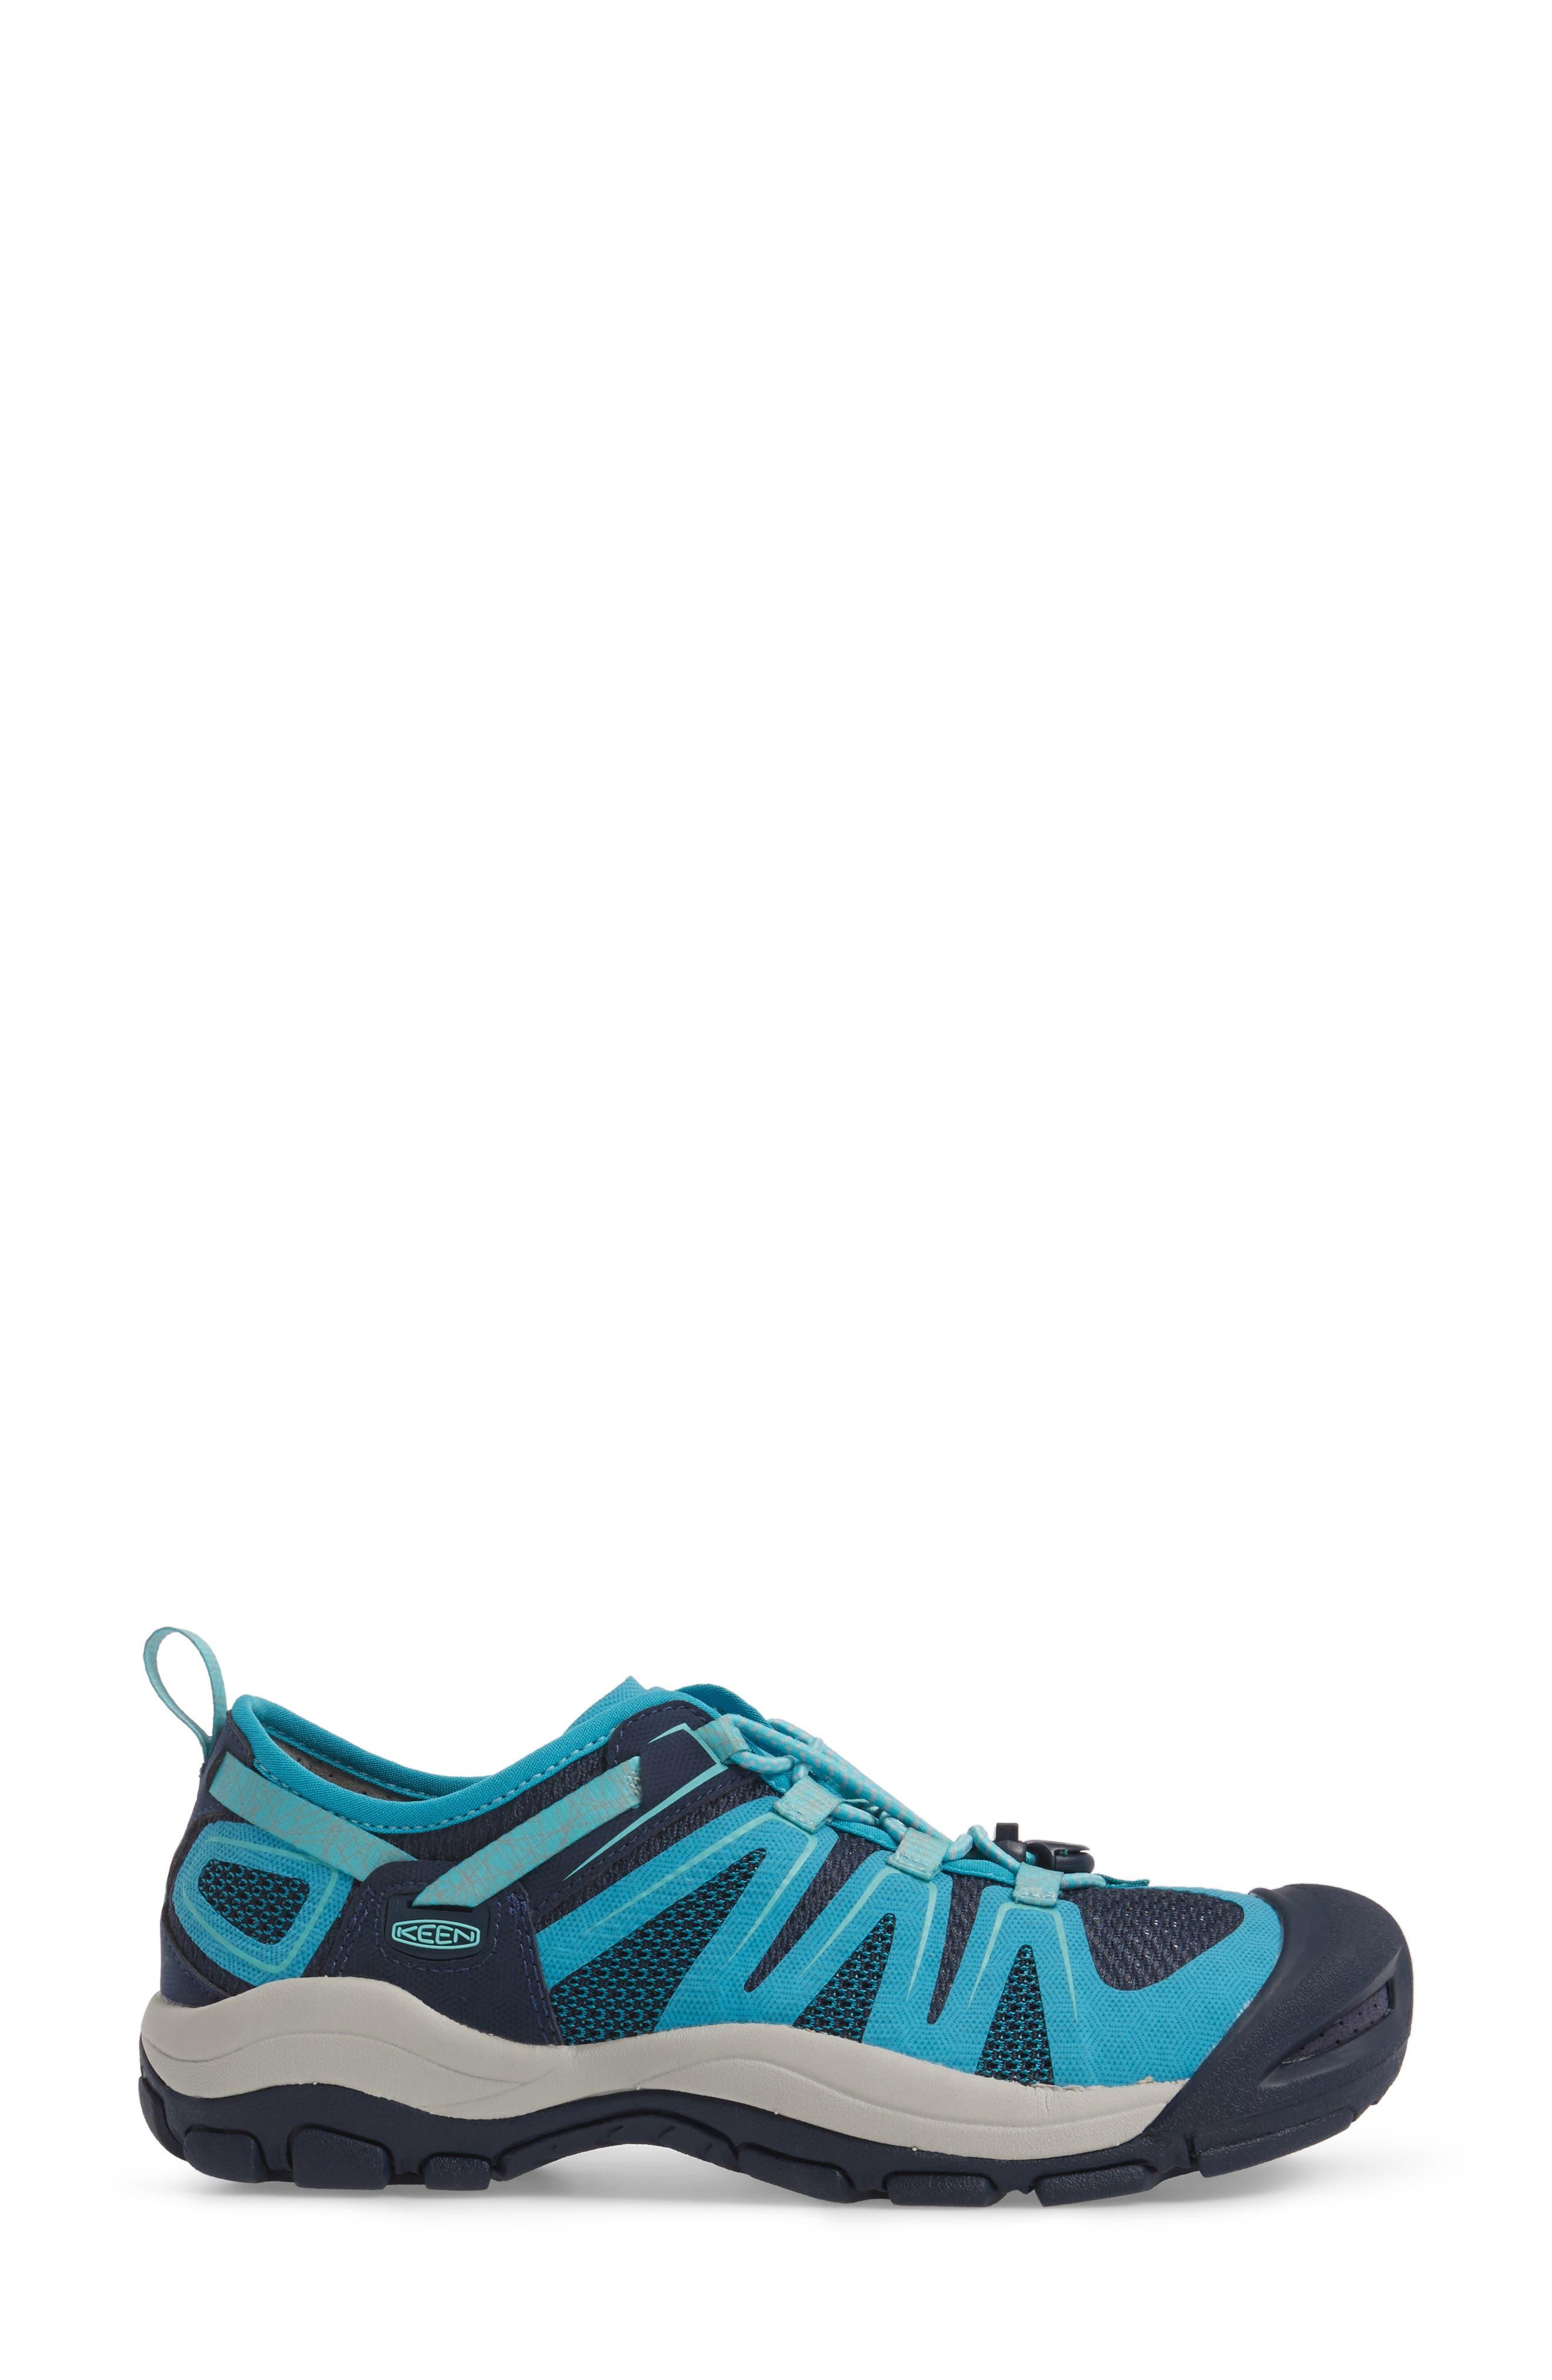 McKenzie II Waterproof Sneaker,                             Alternate thumbnail 5, color,